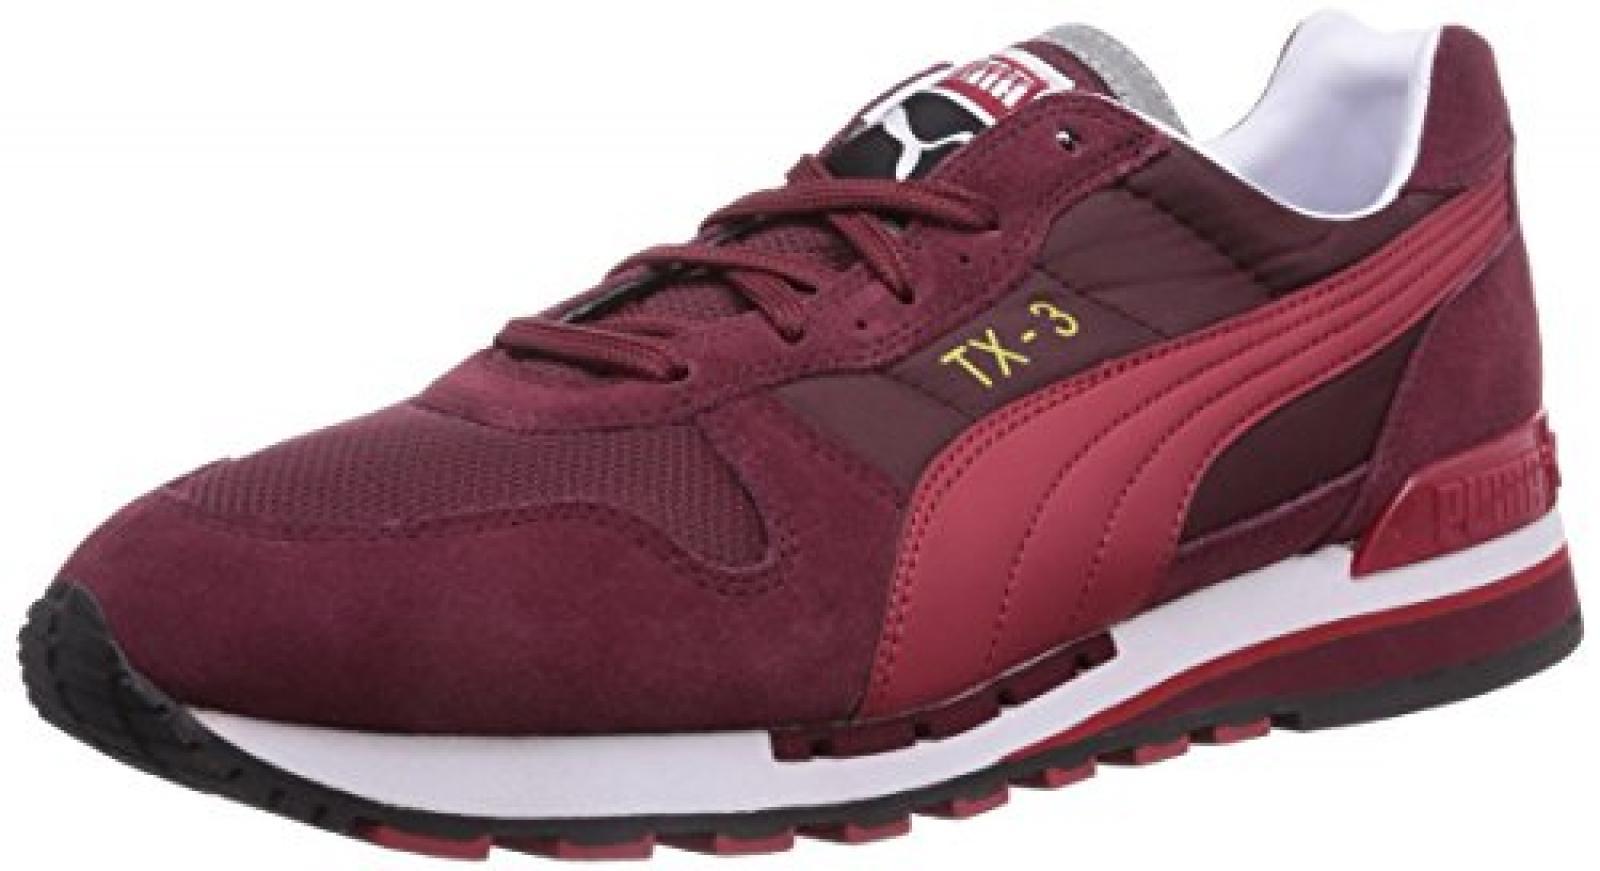 Puma TX-3 Wns Damen Sneakers